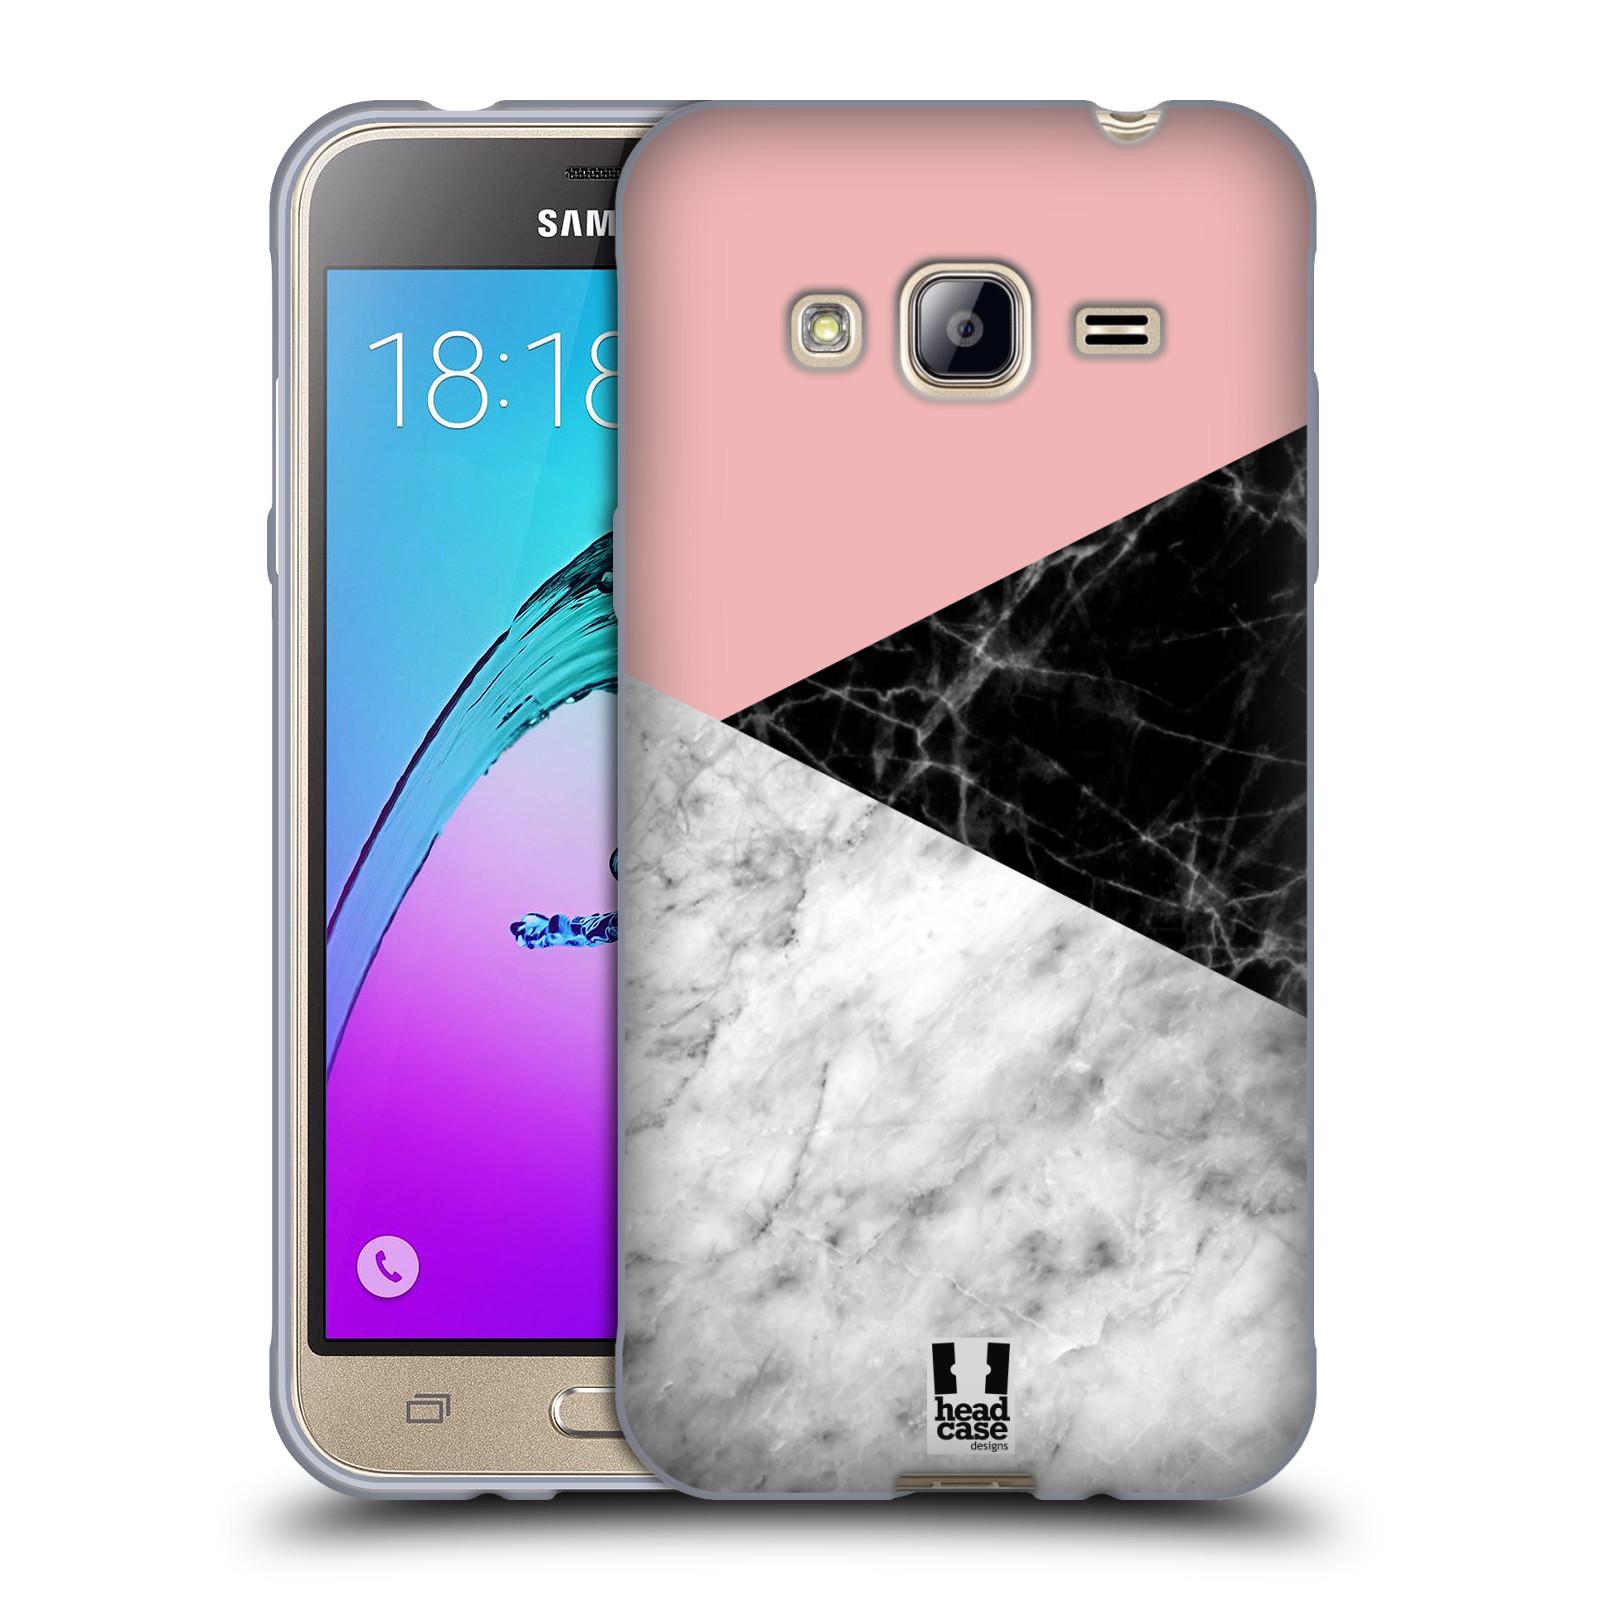 Silikonové pouzdro na mobil Samsung Galaxy J3 (2016) - Head Case - Mramor mix